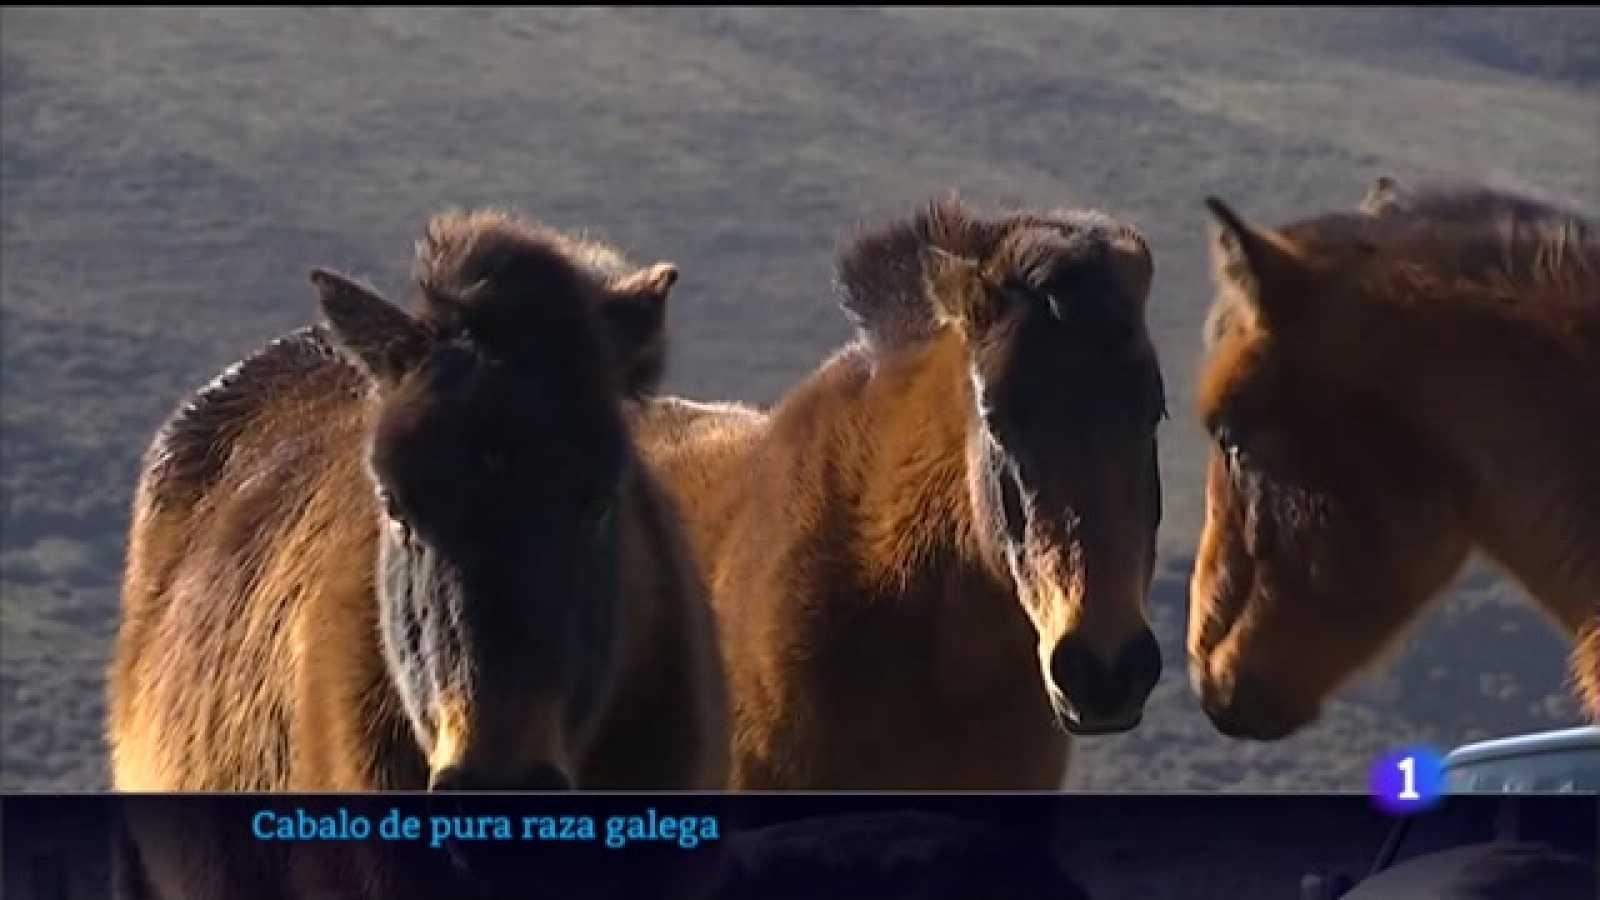 Cen criadores están recuperando o cabalo de pura raza galega